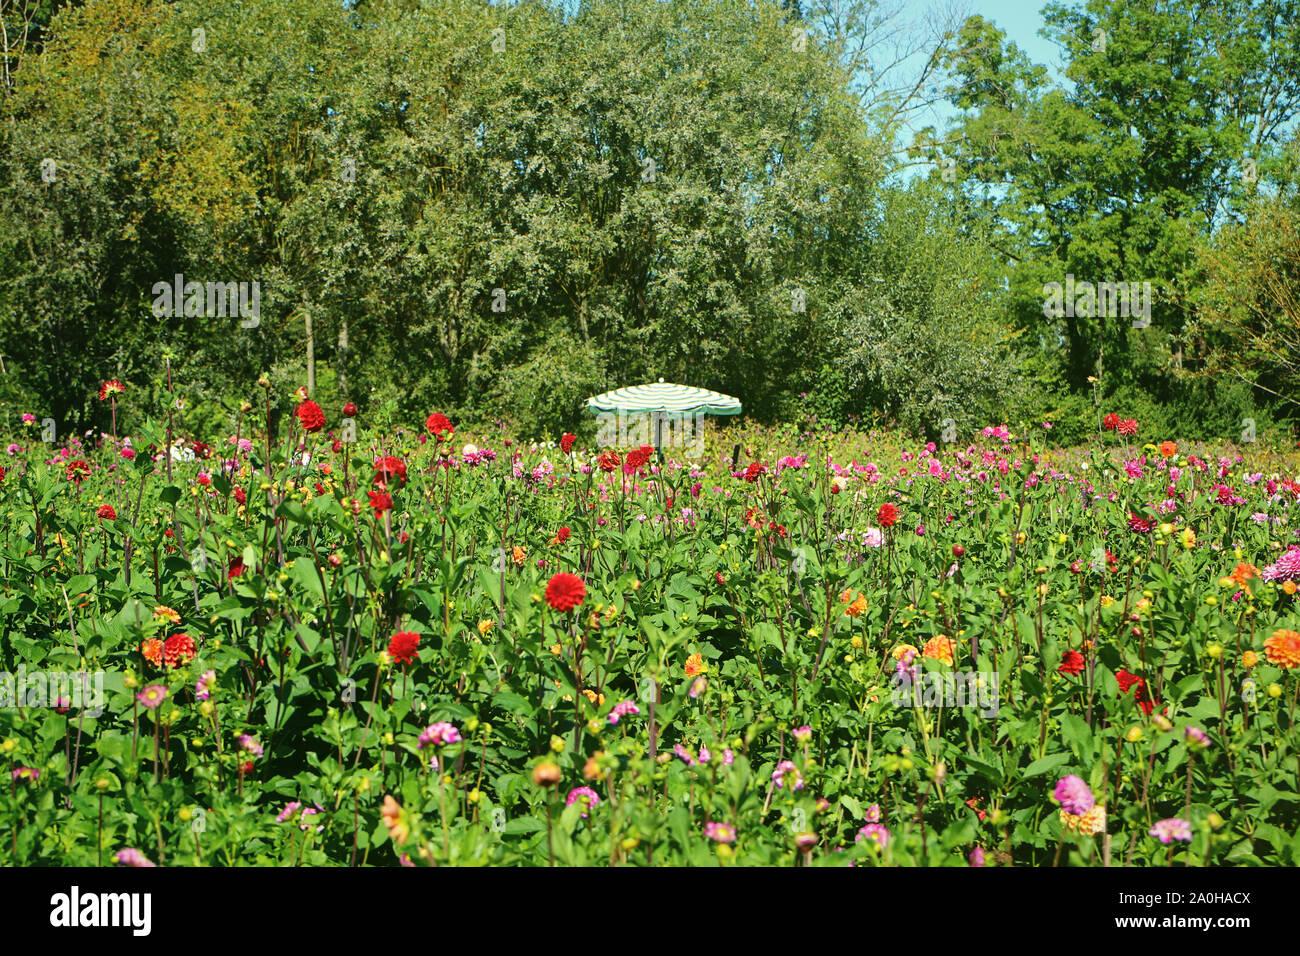 Vue d'été de dahlias colorés la culture intensive en Bavière, fleurs prêt à être coupé pour le marché de fleurs et d'un parasol offrant une protection solaire Banque D'Images